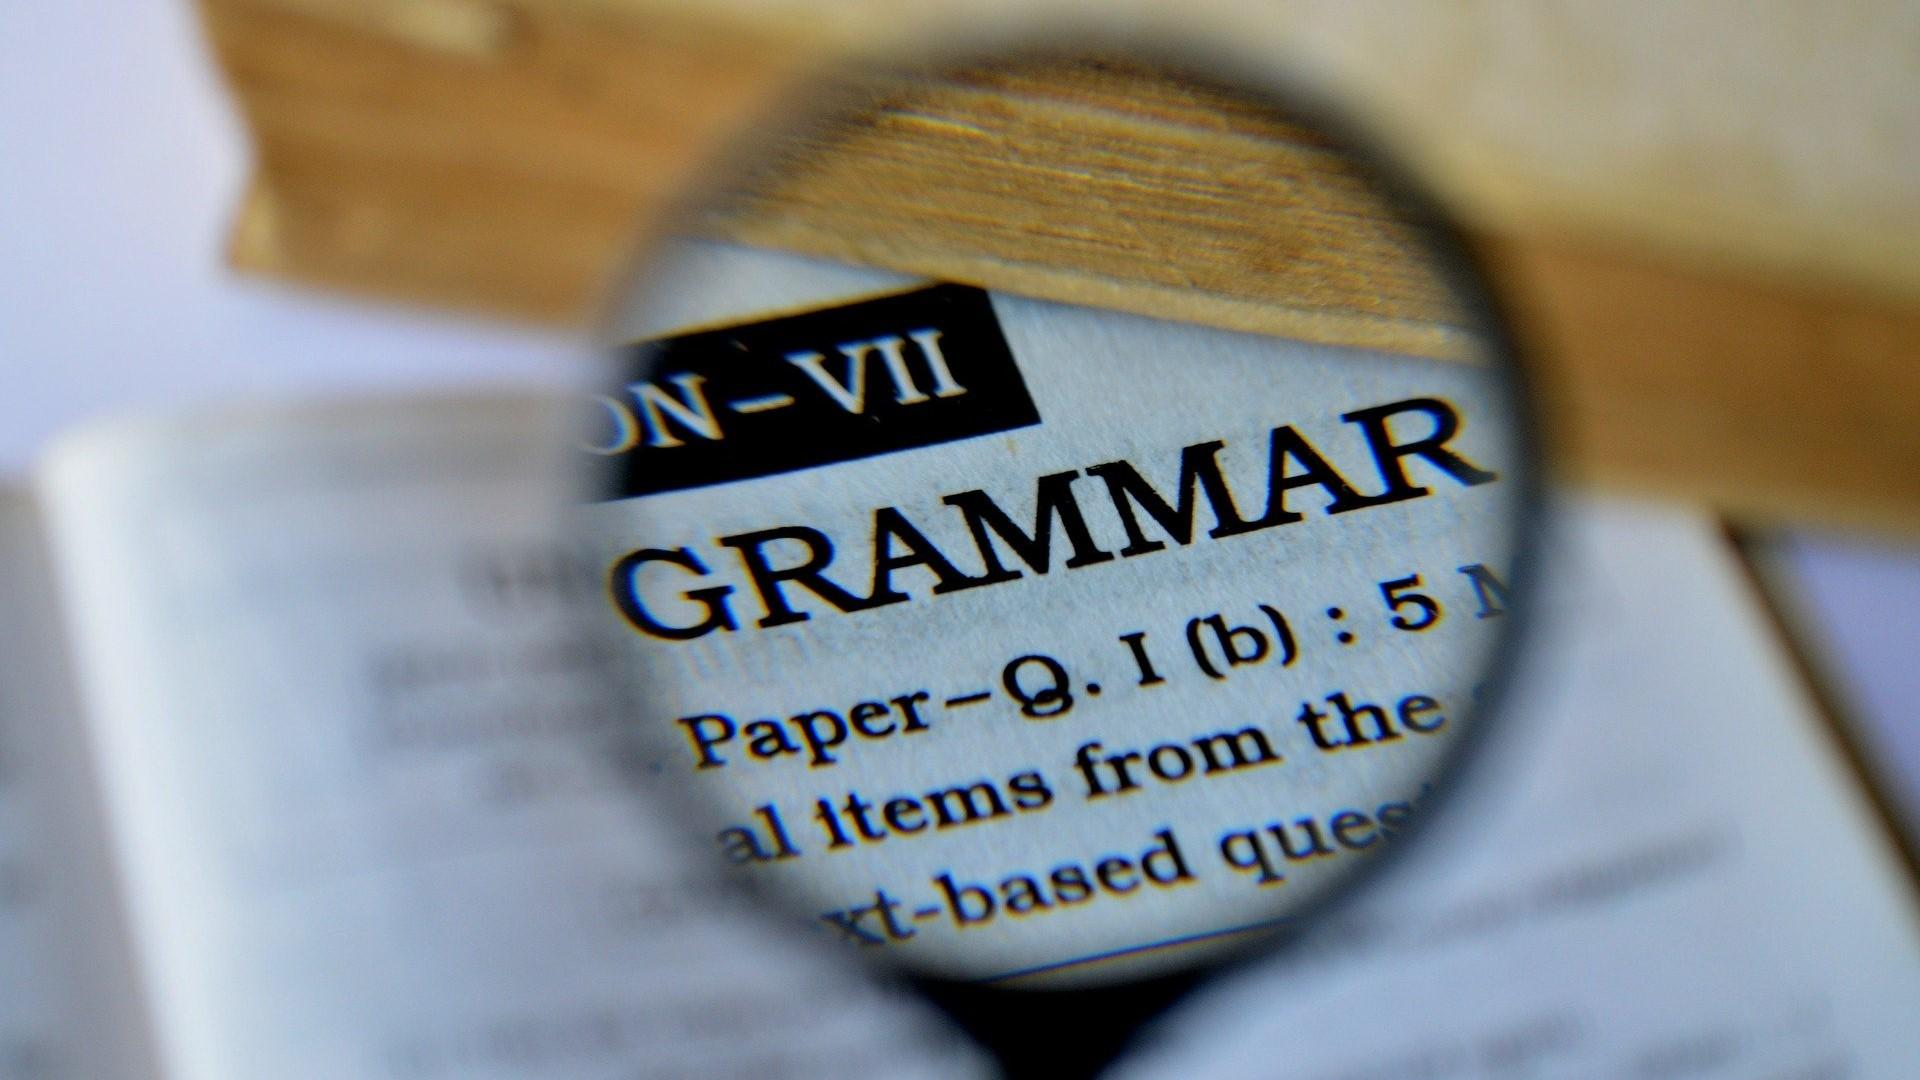 Grammatik-Wissen: Was ist ein Verb?